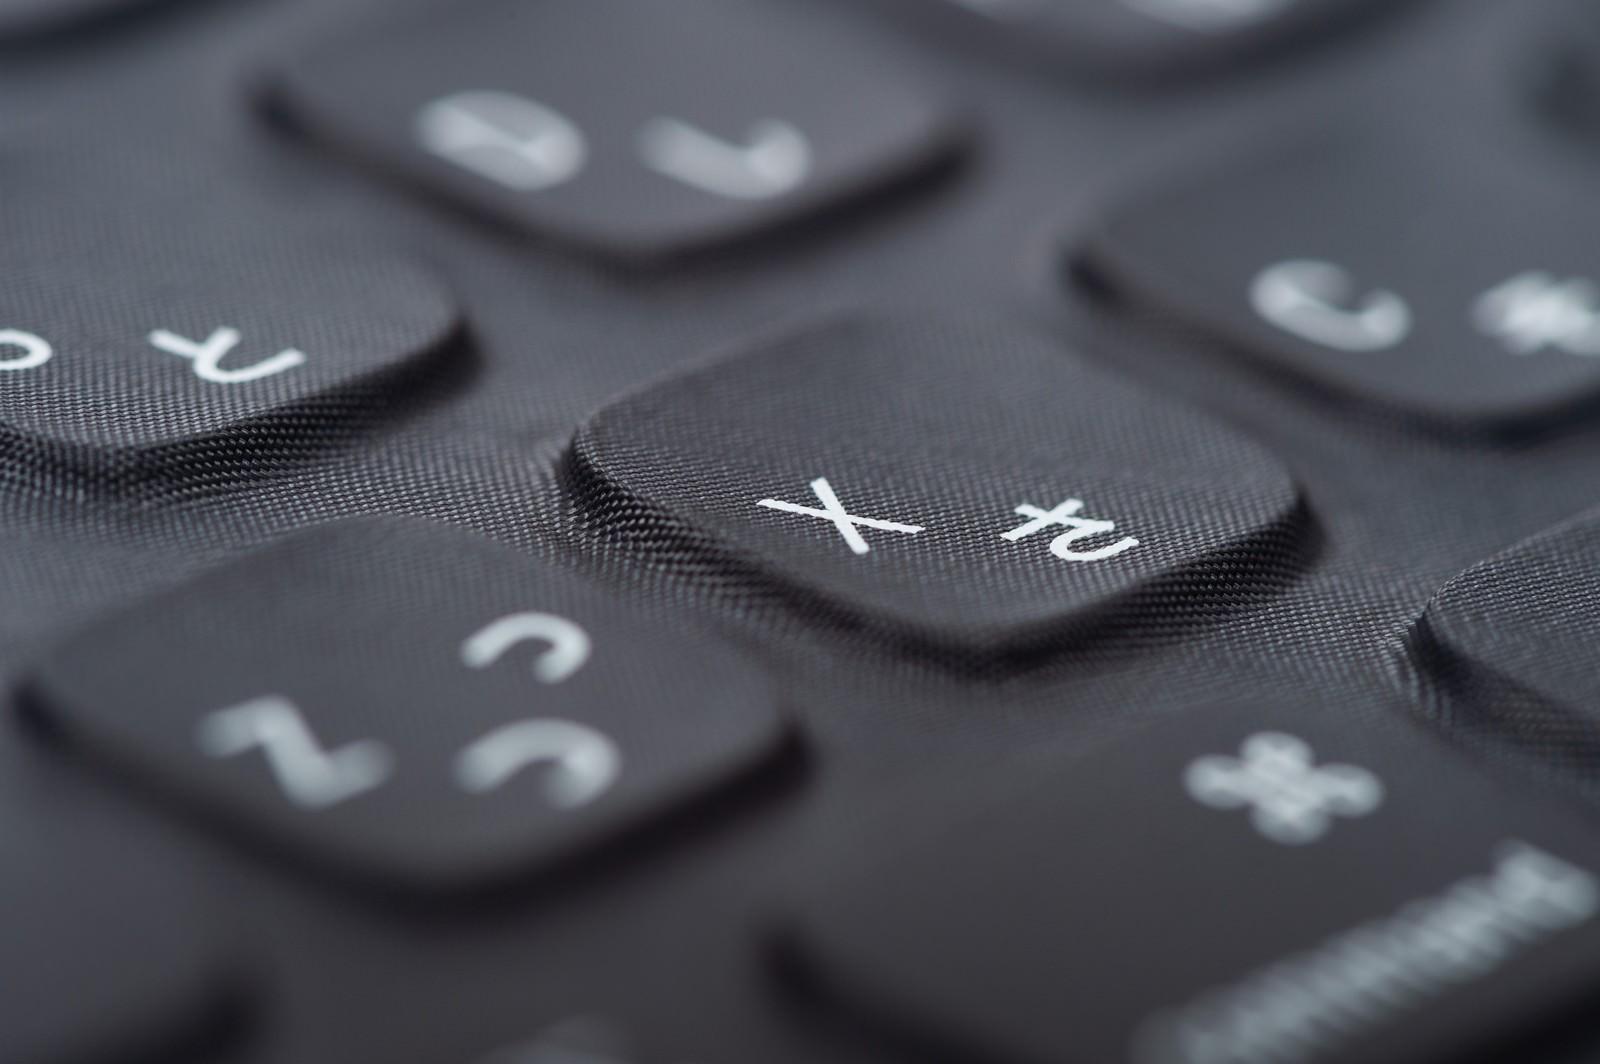 「キーボードの「X」ボタン」の写真